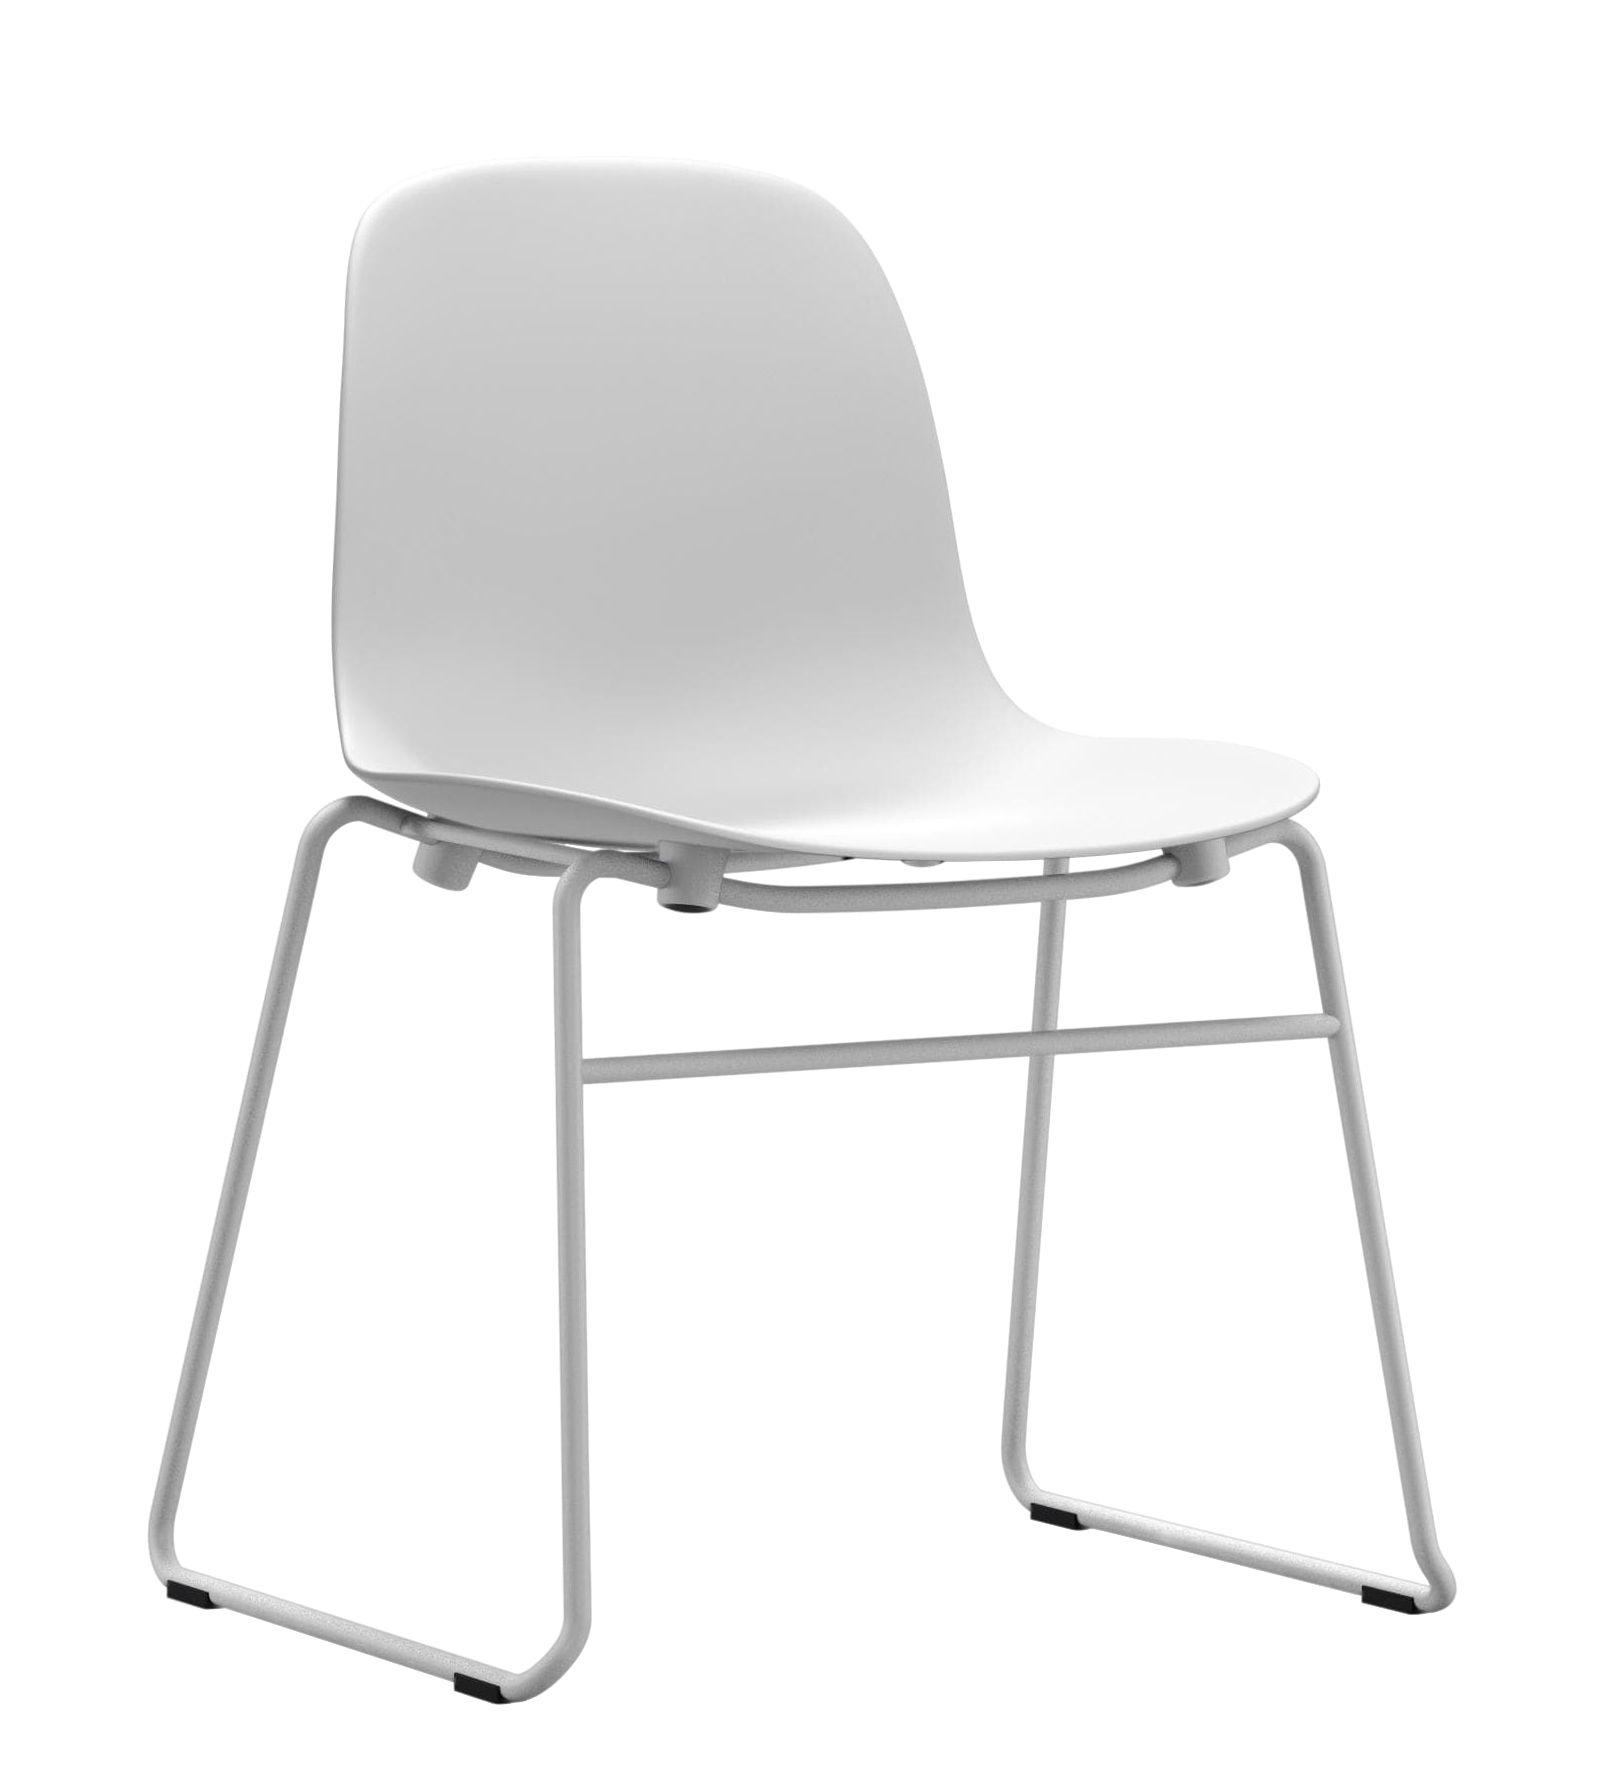 Mobilier - Chaises, fauteuils de salle à manger - Chaise empilable Form / Pied métal - Normann Copenhagen - Blanc - Acier laqué, Polypropylène